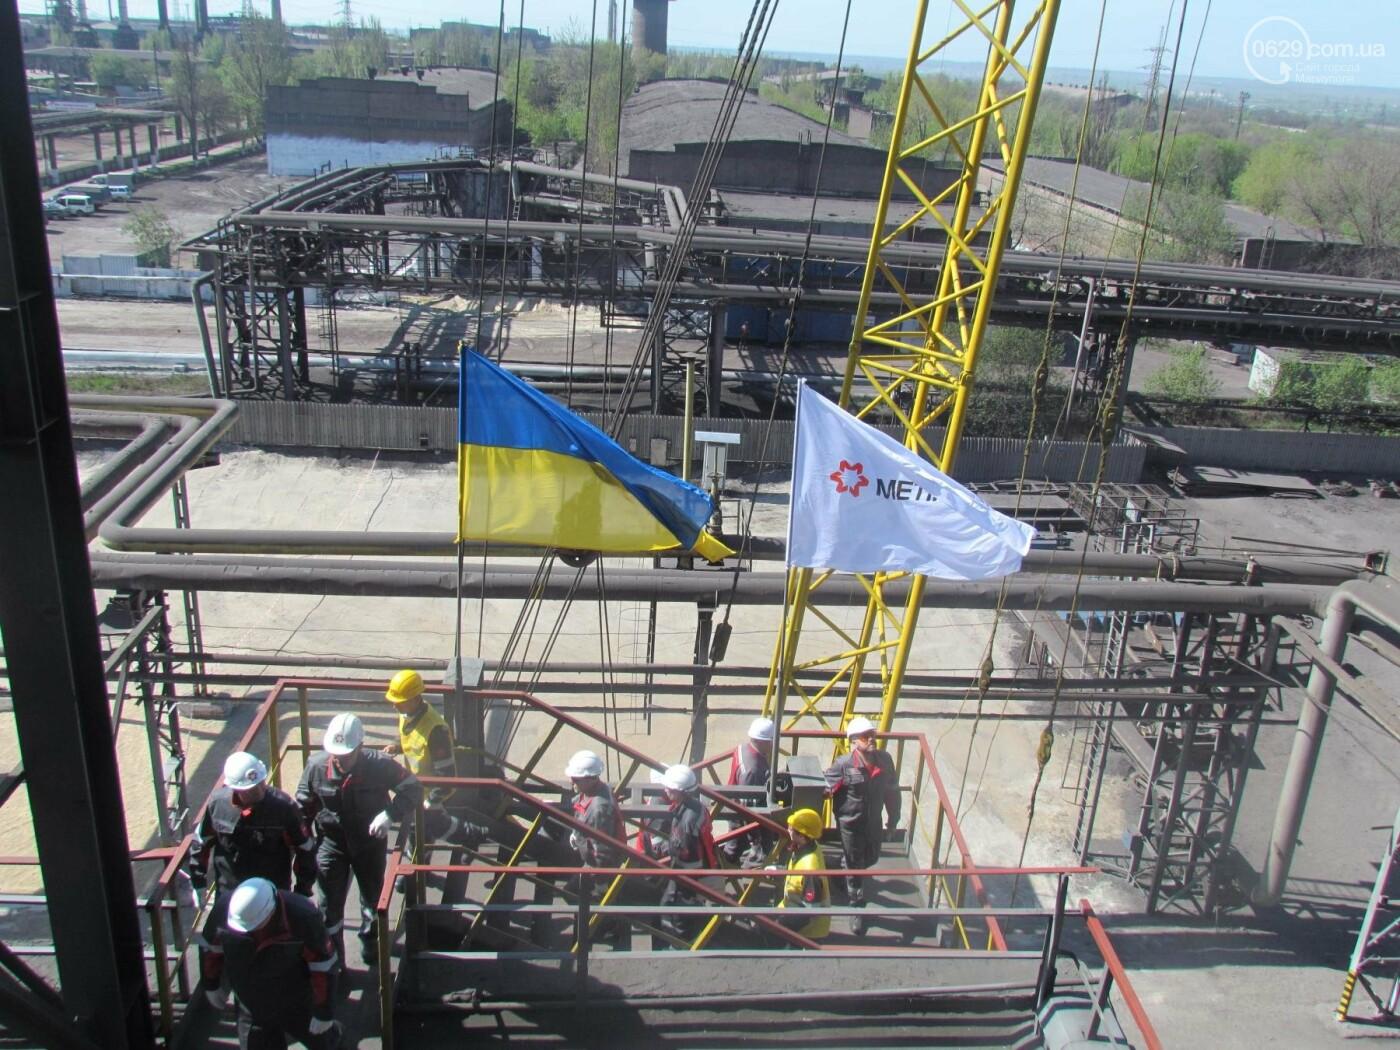 «Метинвест» запустил первый комплекс газоочистки аглофабрики, заявив о сокращении выбросов на треть (ФОТОРЕПОРТАЖ), фото-18